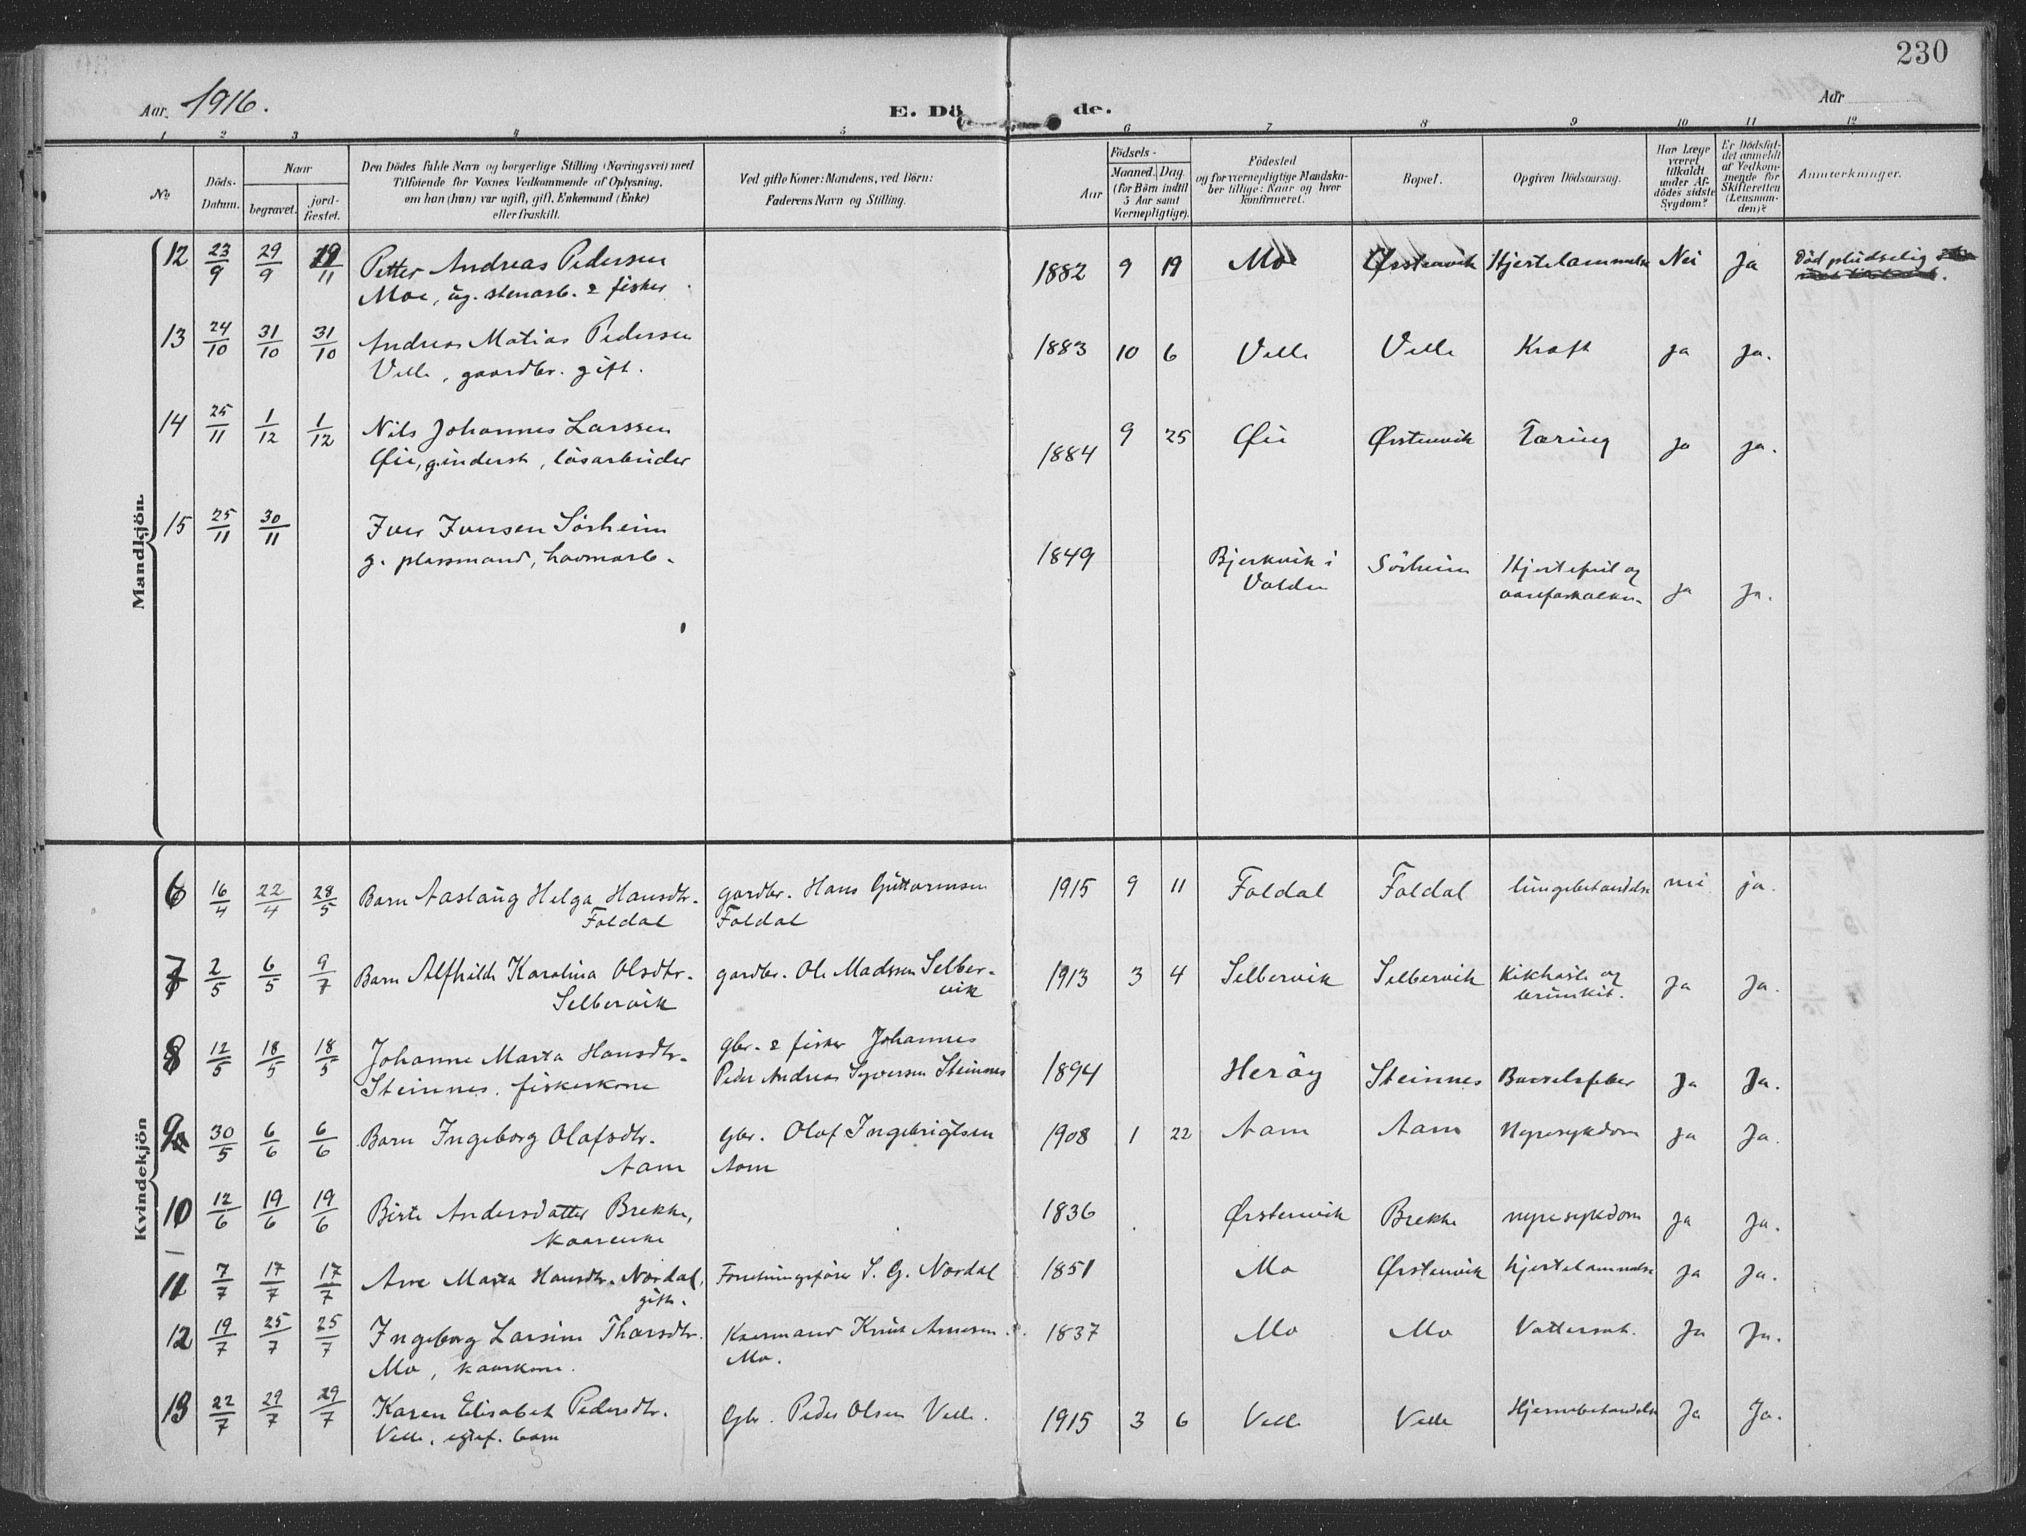 SAT, Ministerialprotokoller, klokkerbøker og fødselsregistre - Møre og Romsdal, 513/L0178: Ministerialbok nr. 513A05, 1906-1919, s. 230